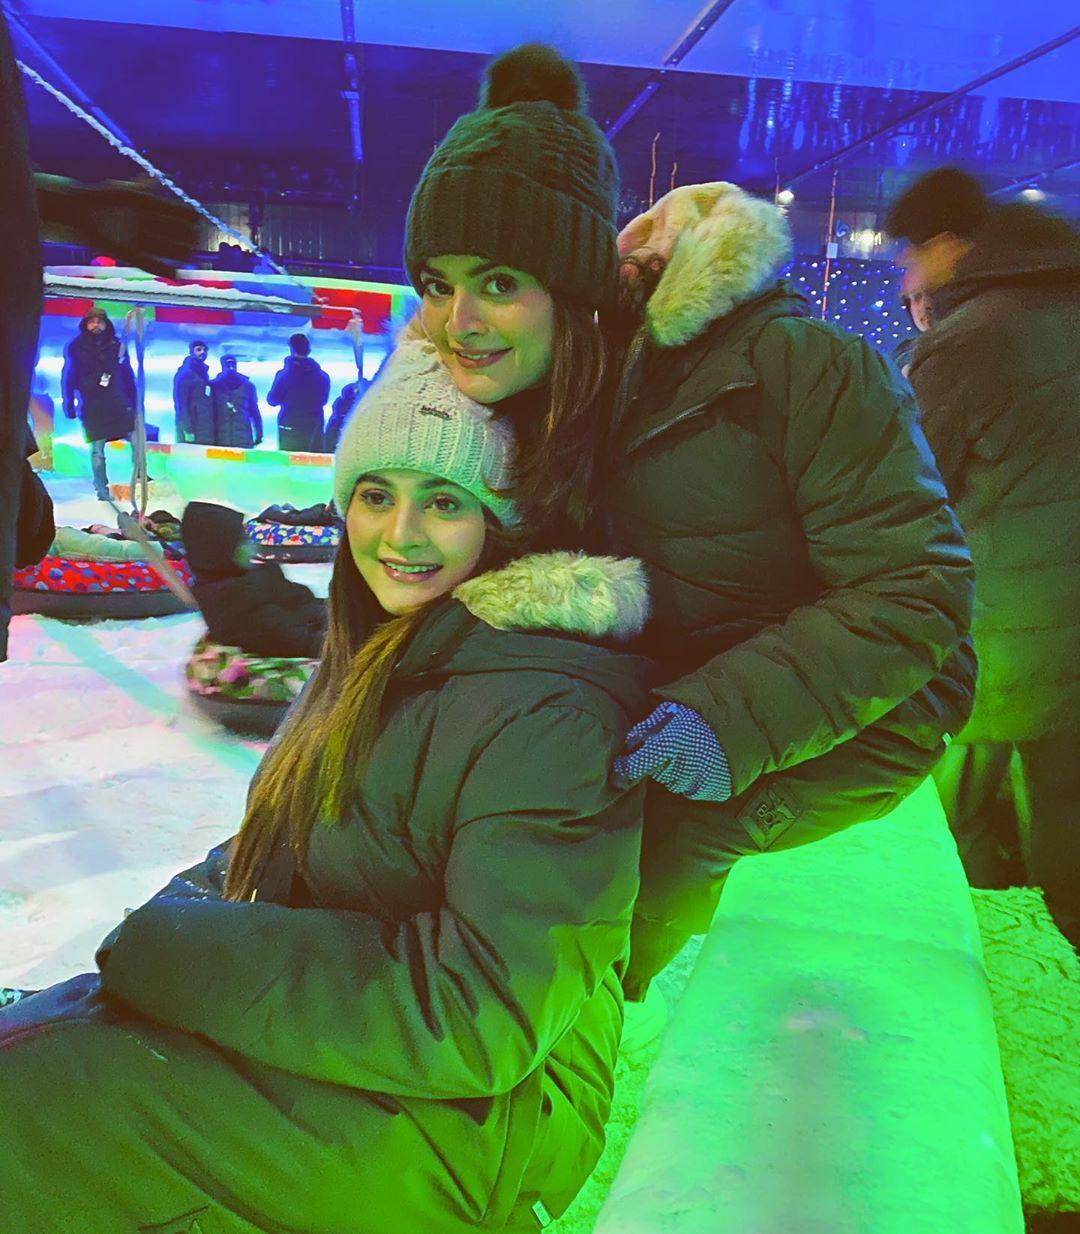 Minal, Aiman and Muneeb Butt Enjoying in Winter Land Karachi